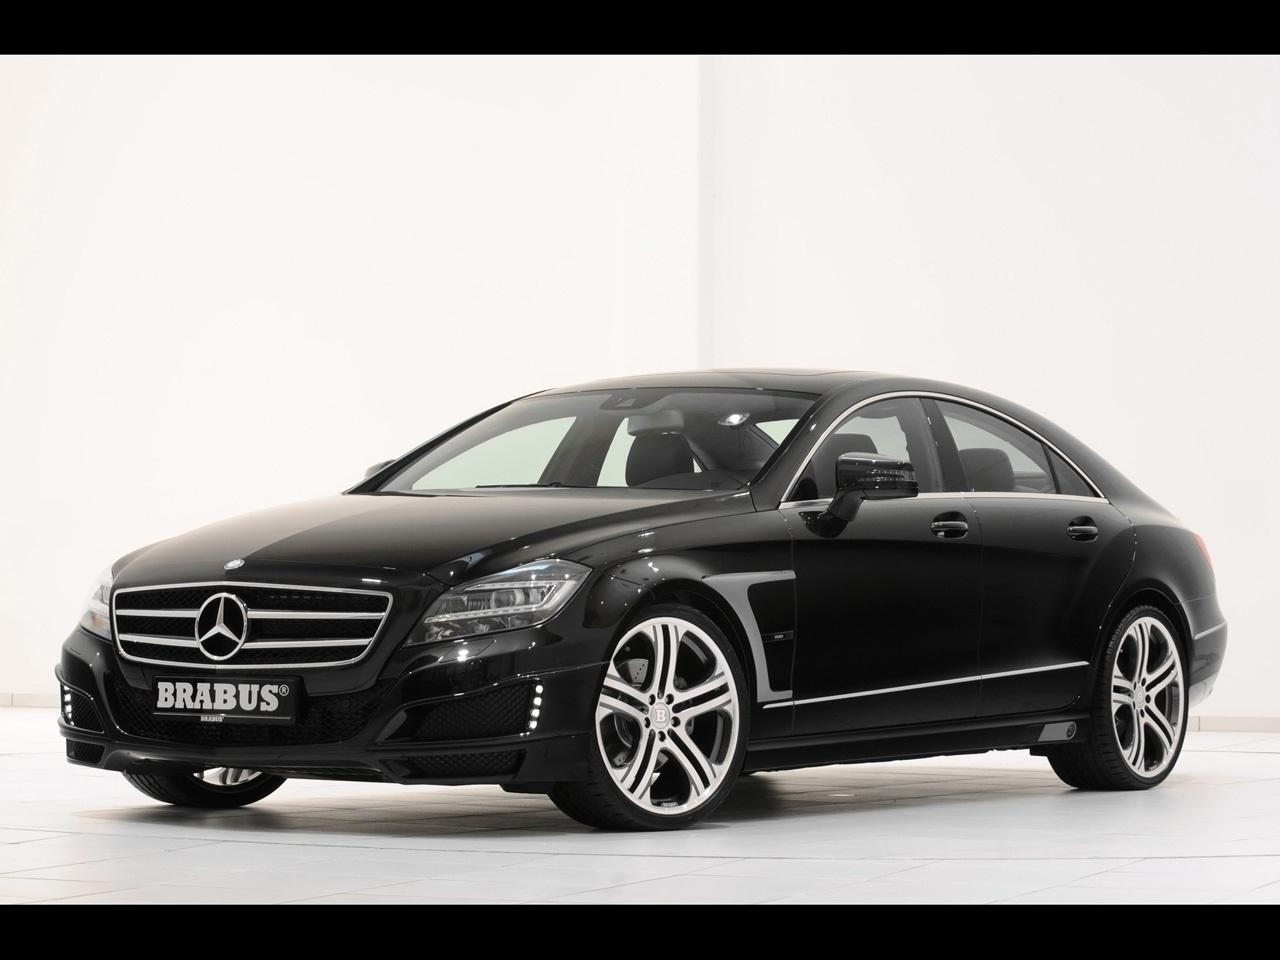 http://1.bp.blogspot.com/-VWfIqU8sME4/TacG0rlHRDI/AAAAAAAABEs/nfNcBQhywoI/s1600/2011-Brabus-Mercedes-Benz-CLS-Coupe.jpg